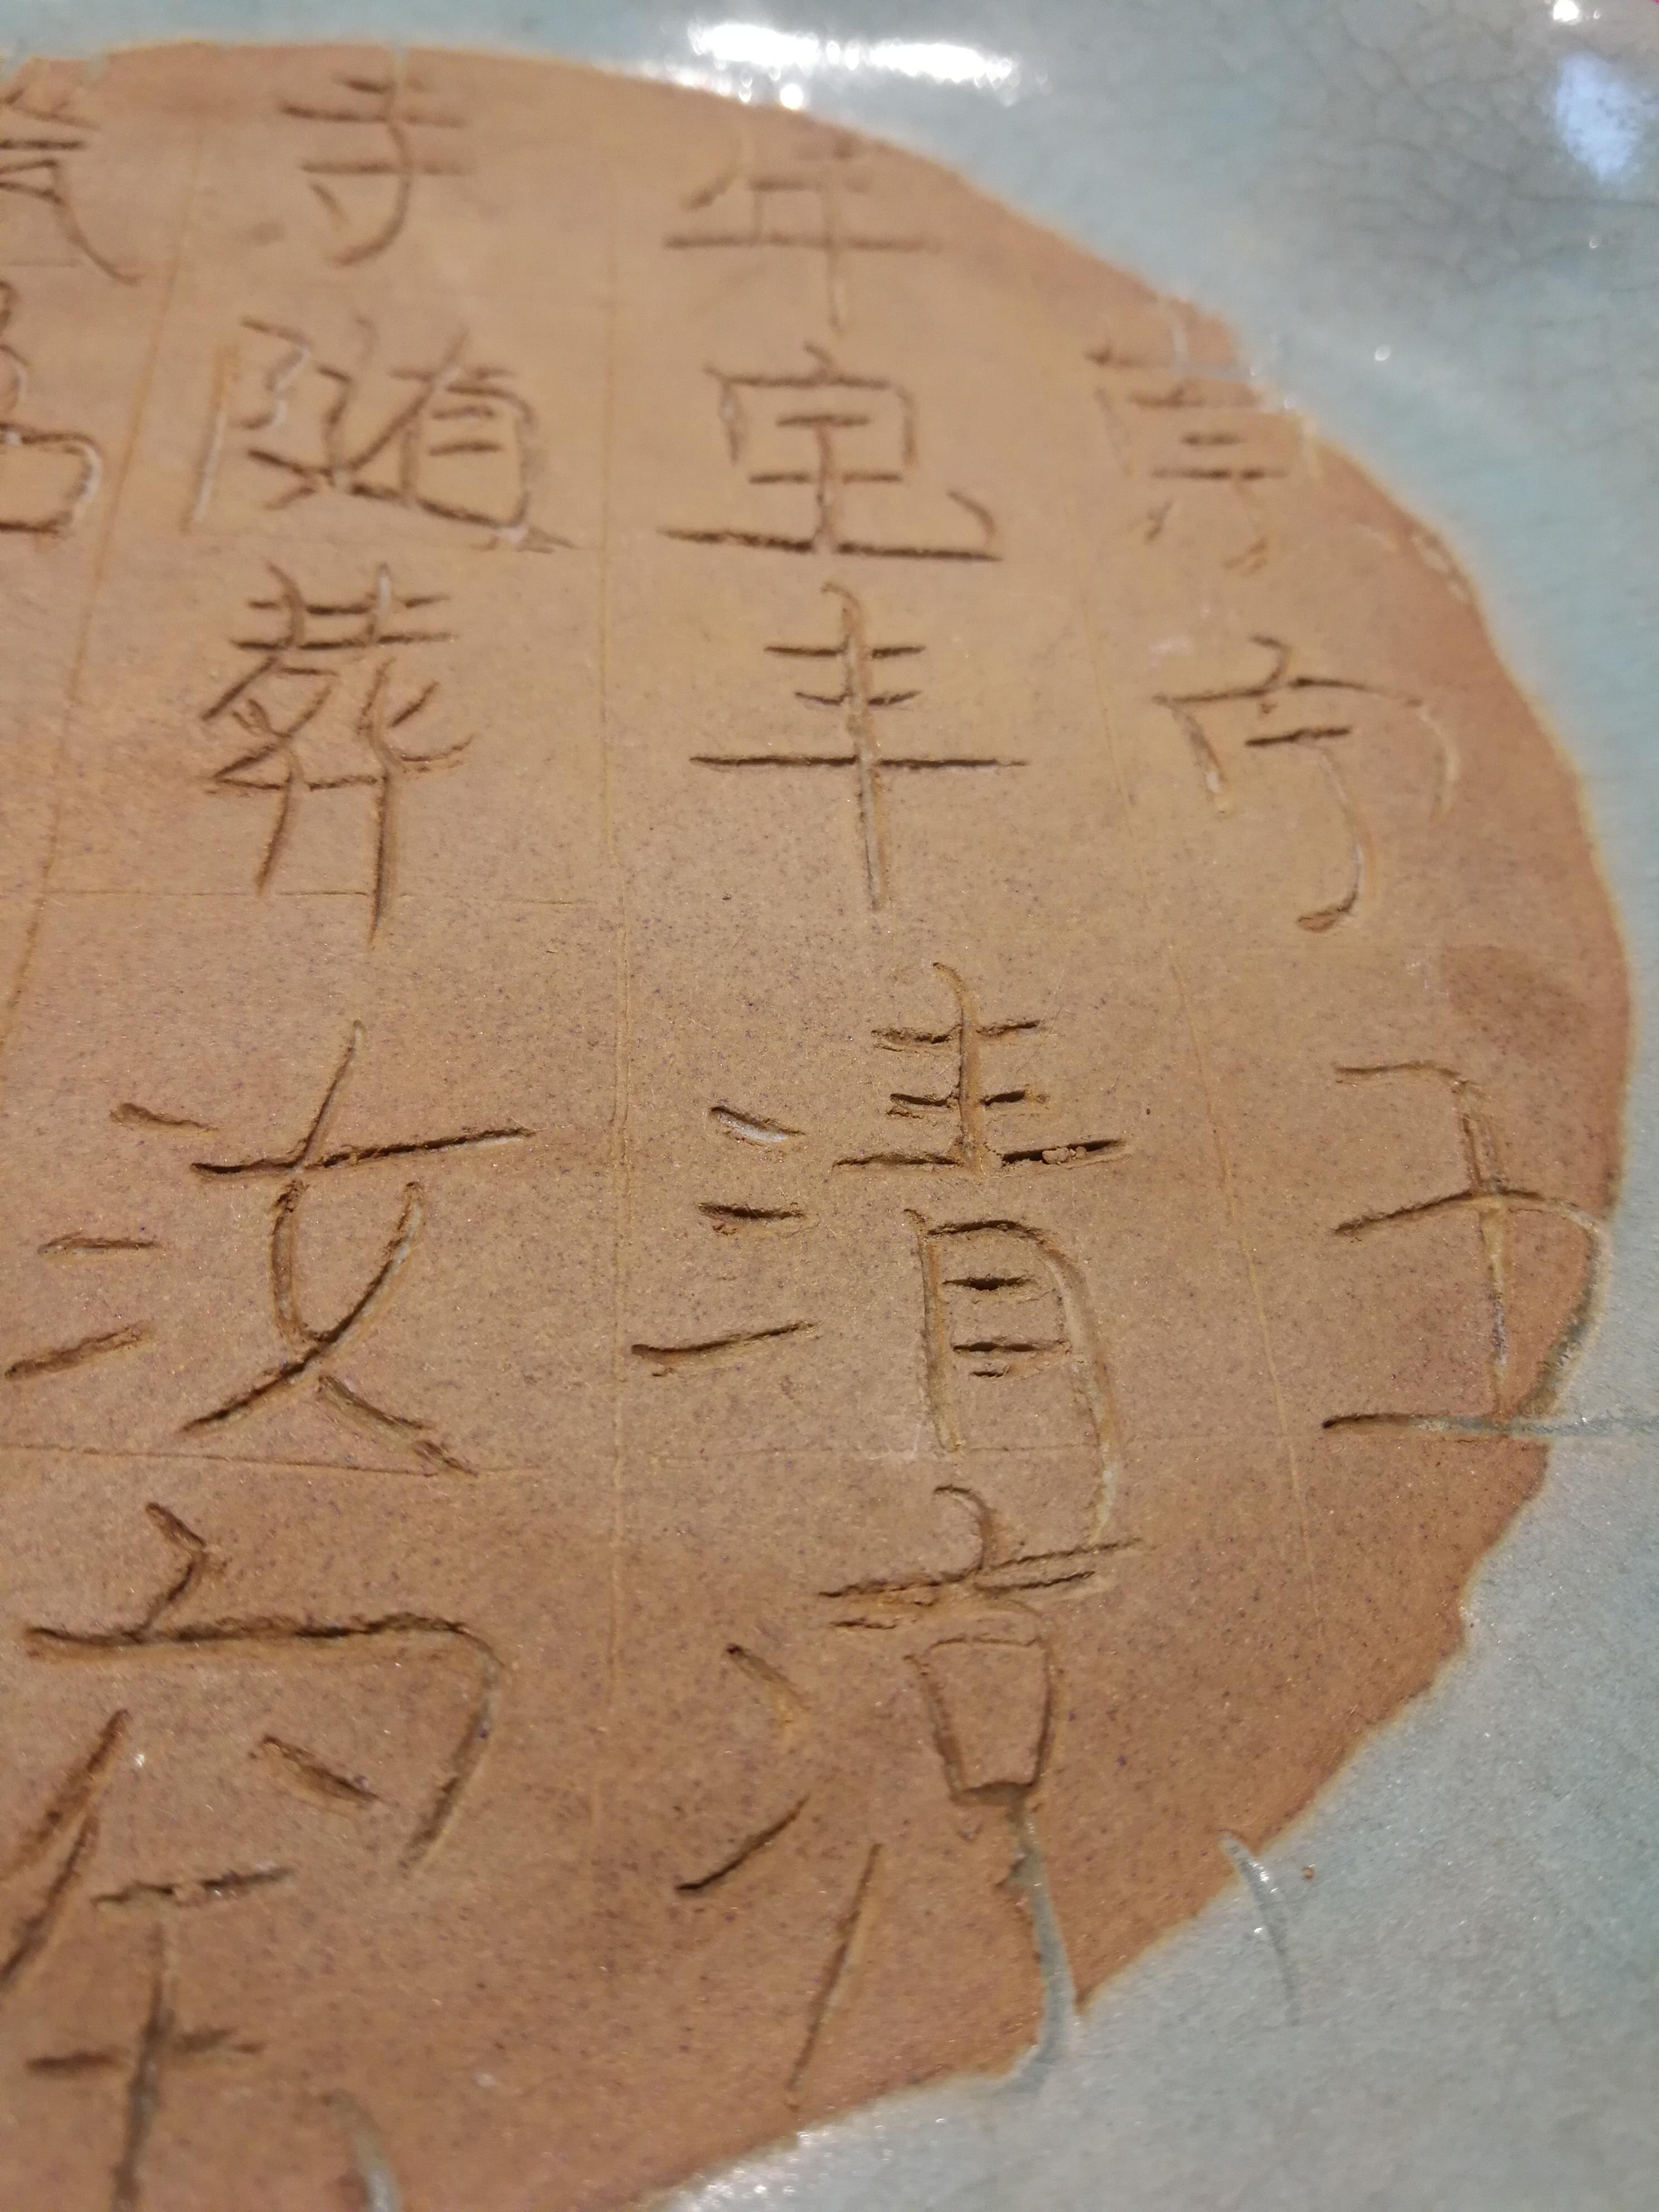 到底是宝丰青龙寺,还是宝丰清凉寺?难道我又在颠覆民藏人的三观吗?